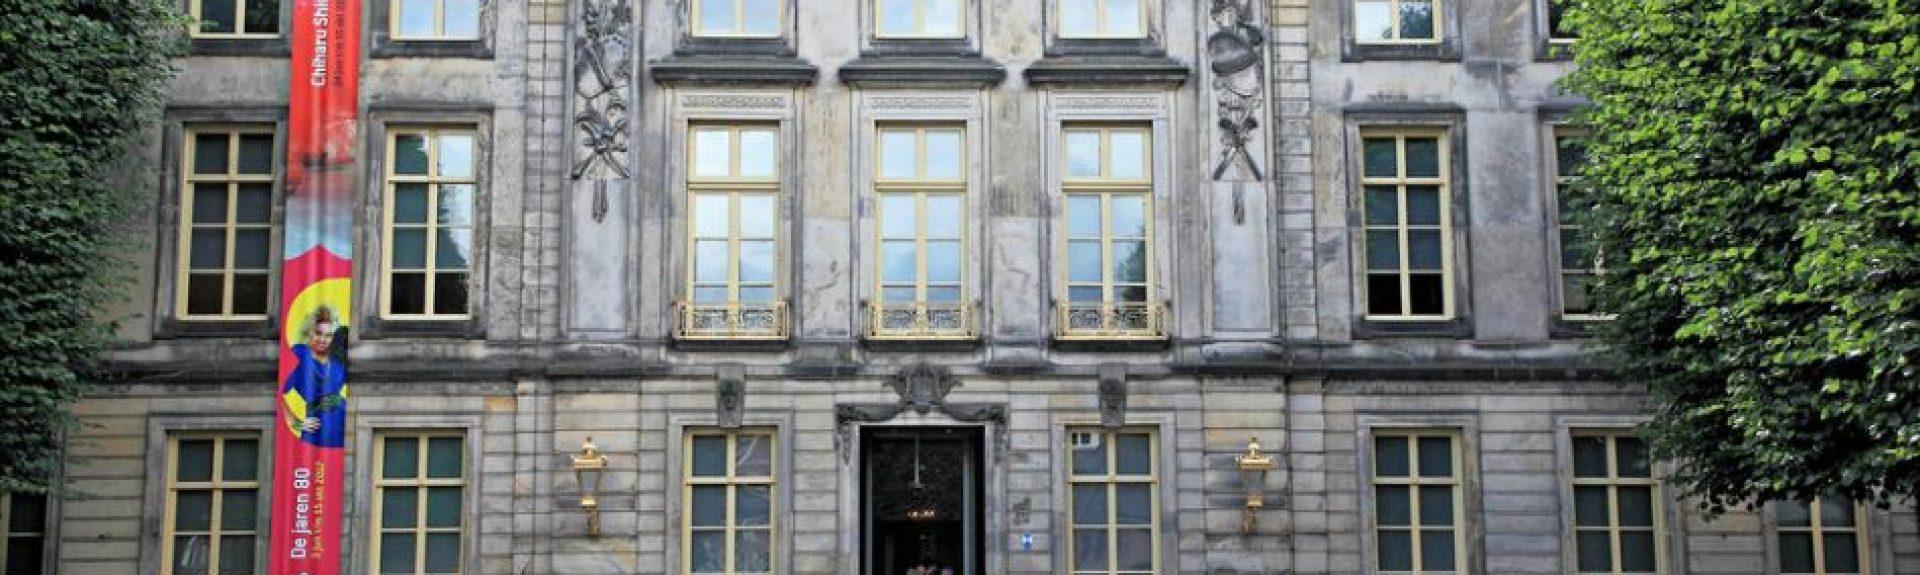 Noordbrabants-museum-teng